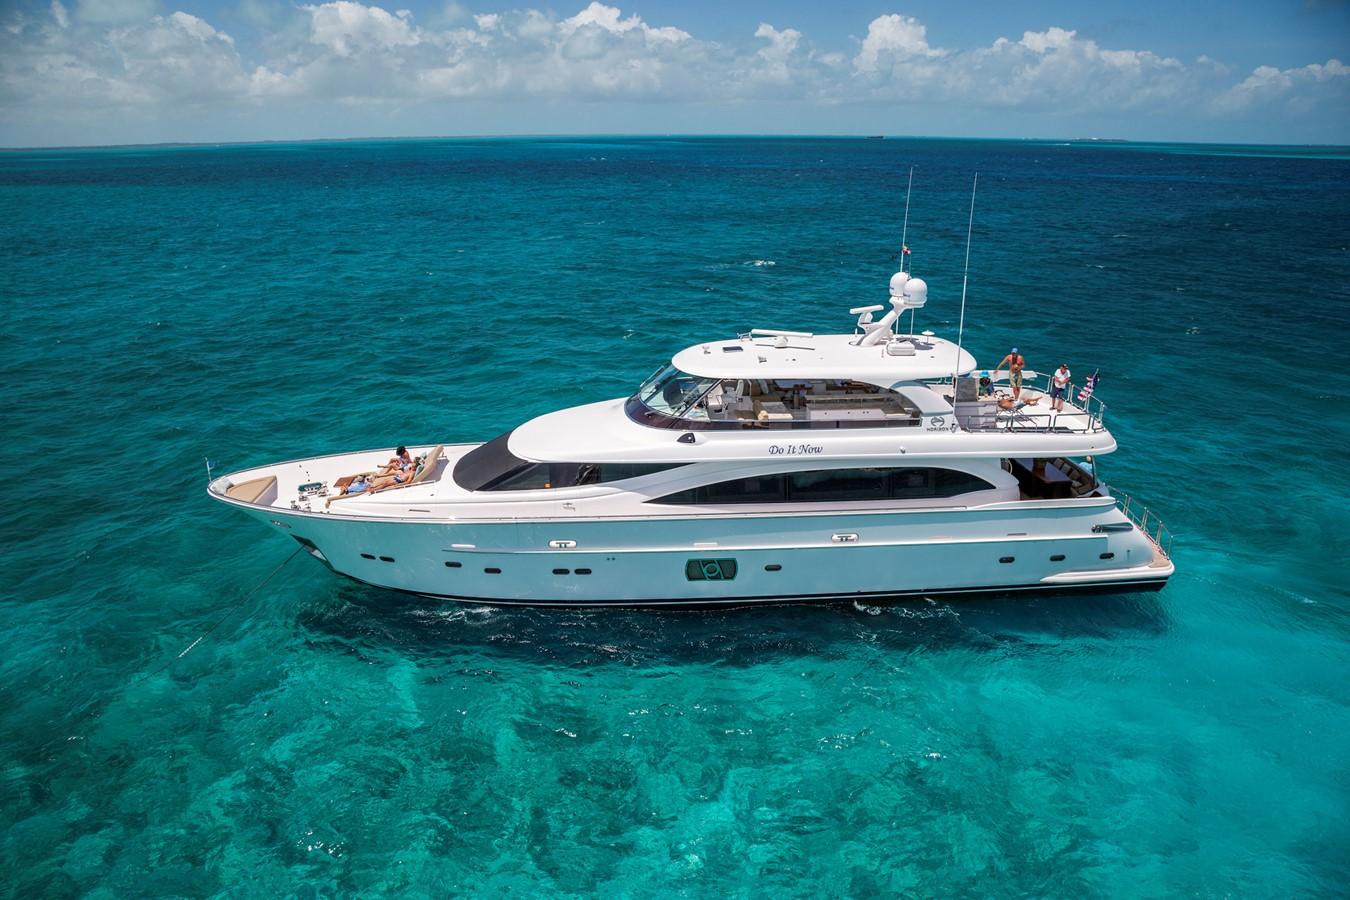 2017 HORIZON E98 (New Spec Boat) For Sale